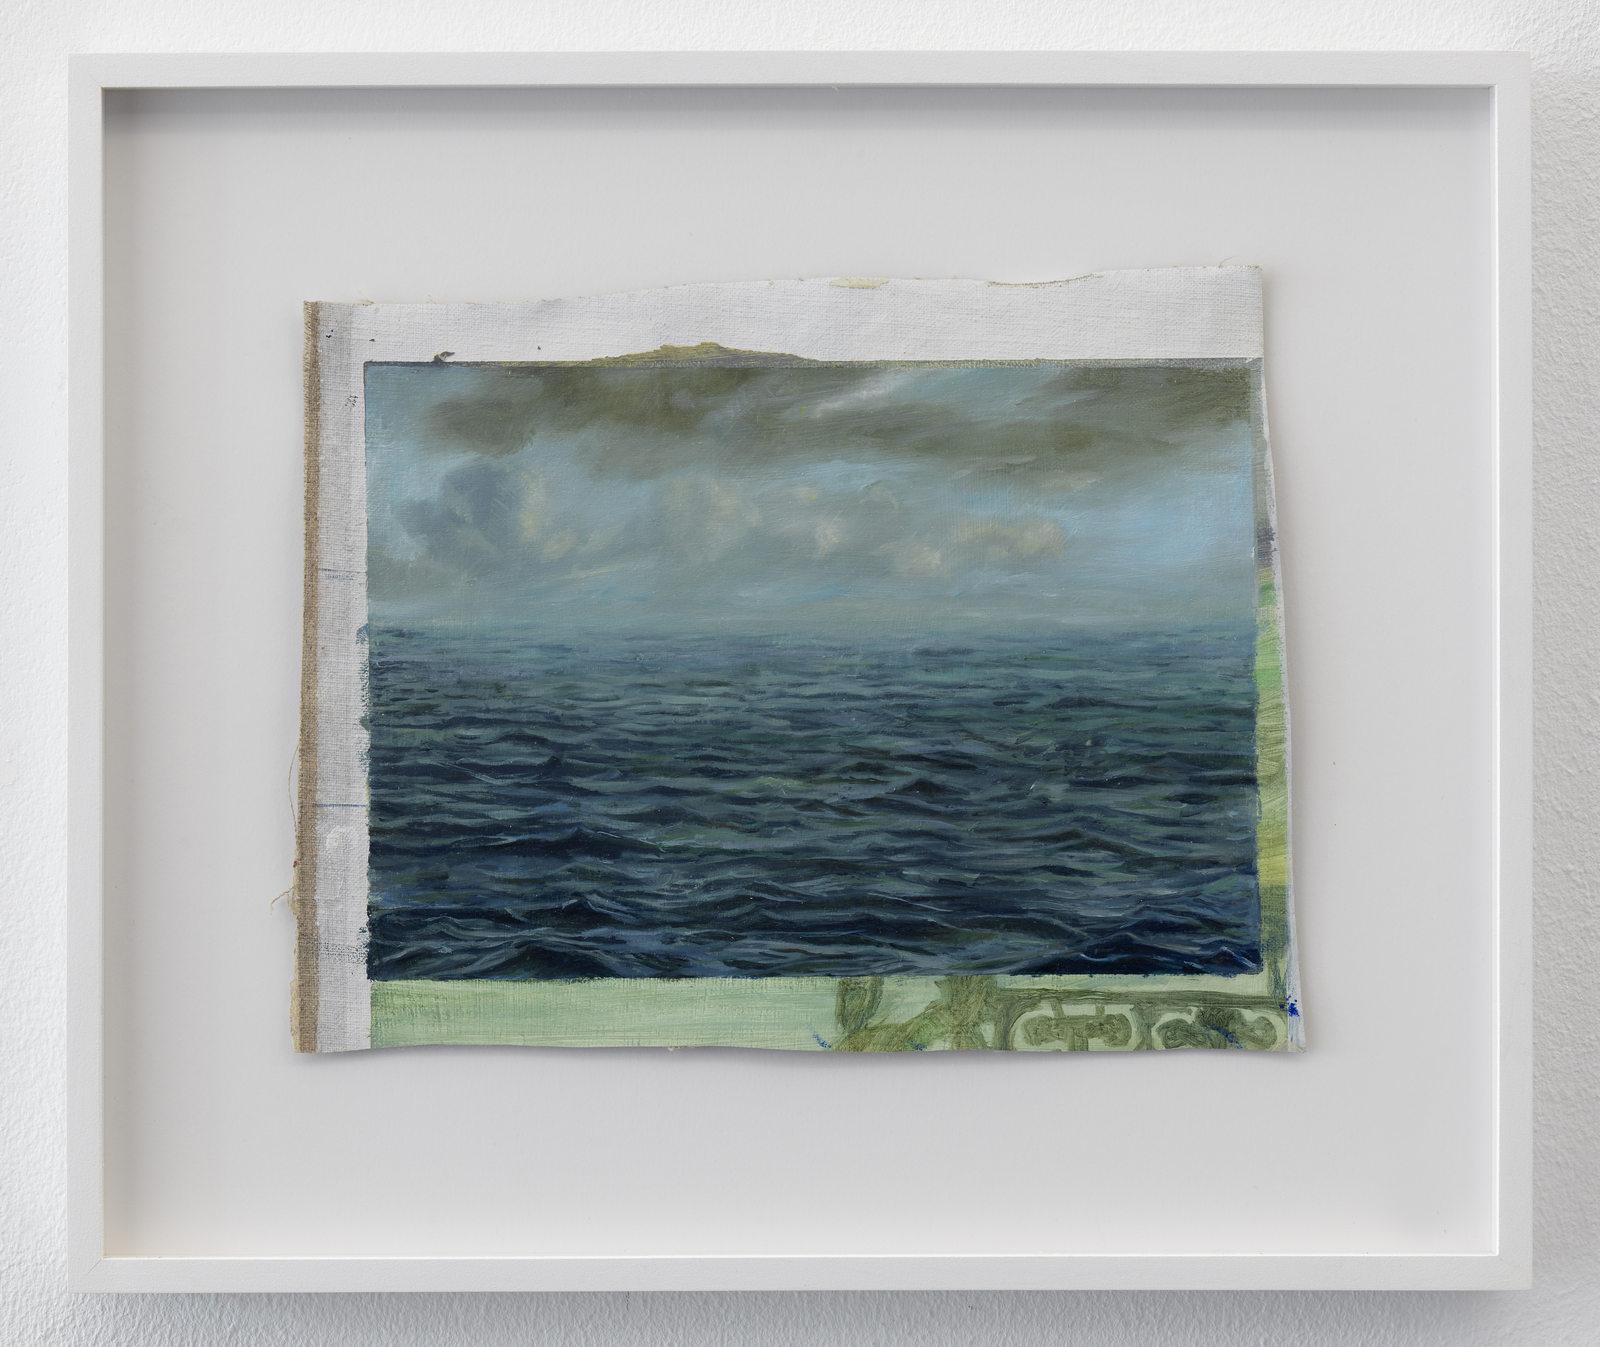 Femmy Otten, Eyes on the Horizon, no. 1, 2016, oil on canvas, framed, 32 x 38 cm